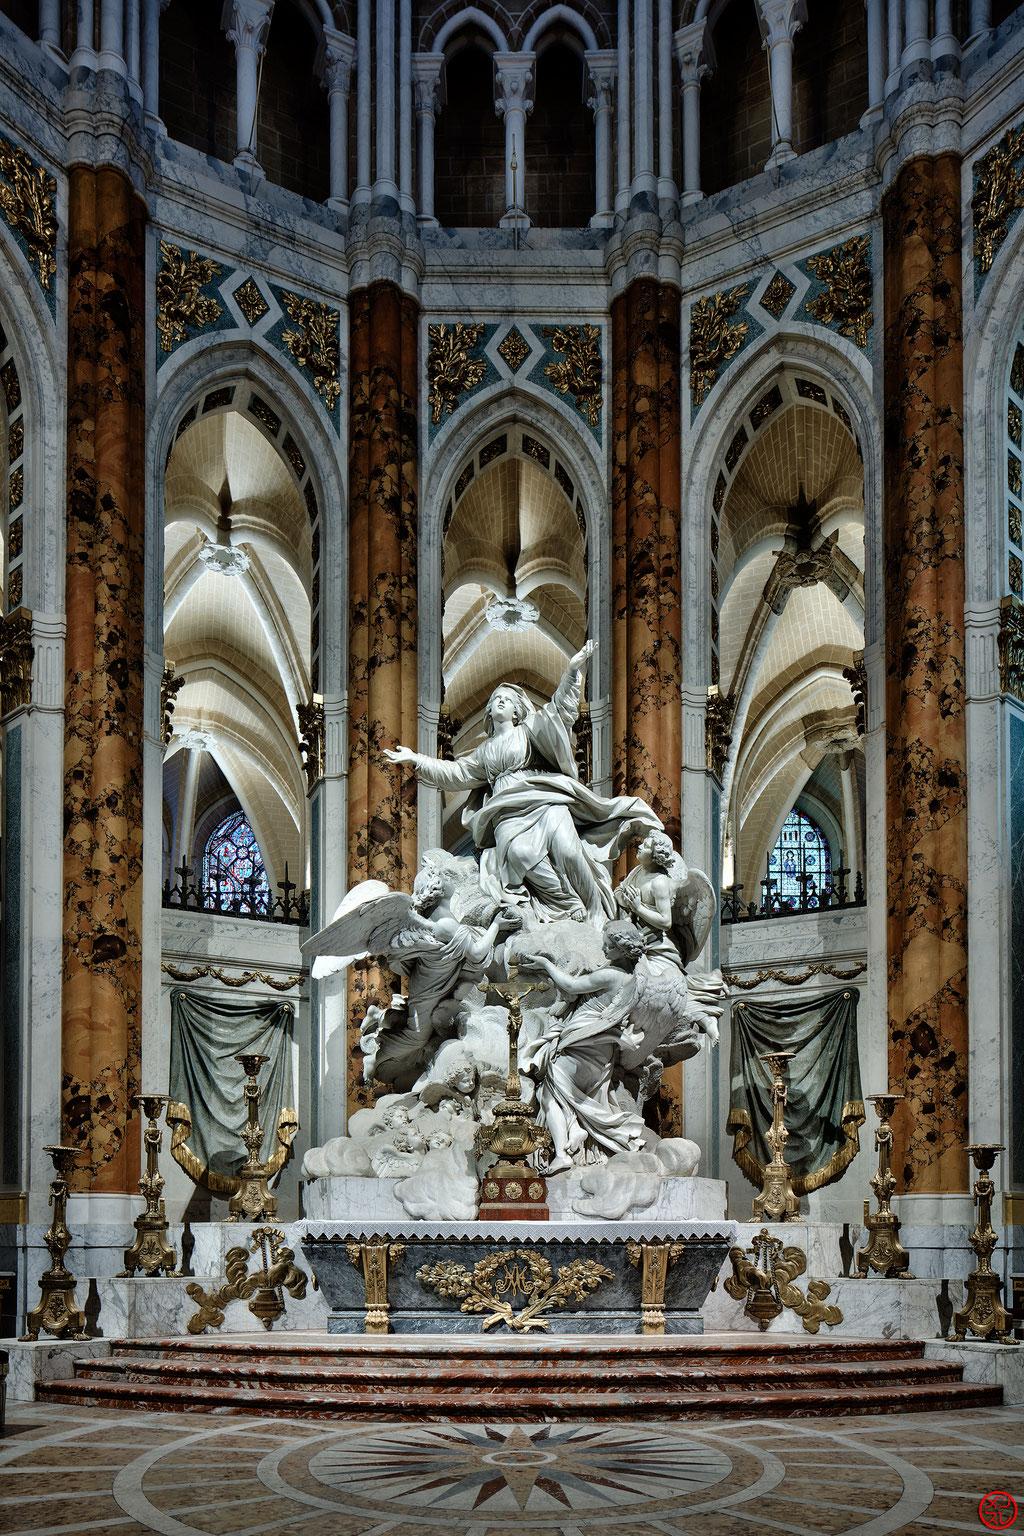 Cathédrale Notre-Dame de Chartres, France (2017)